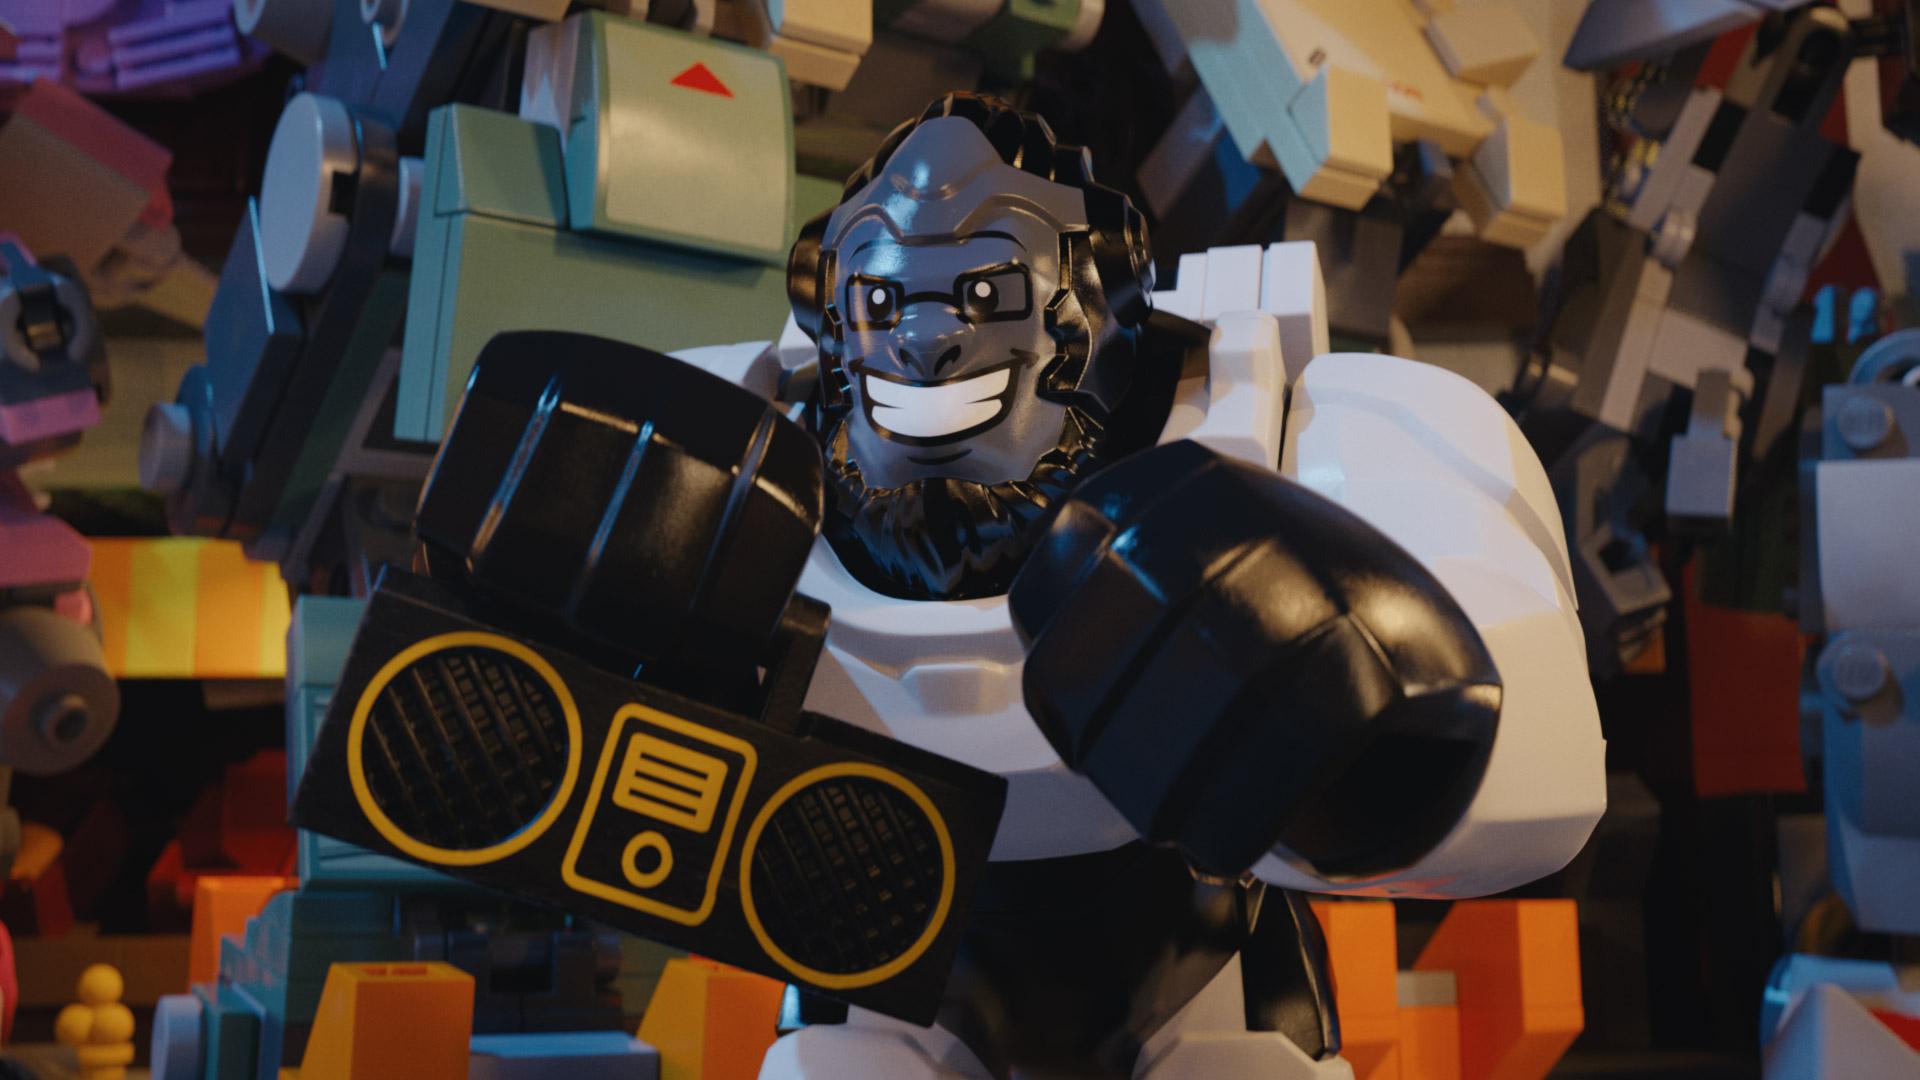 LEGO_OW_95208